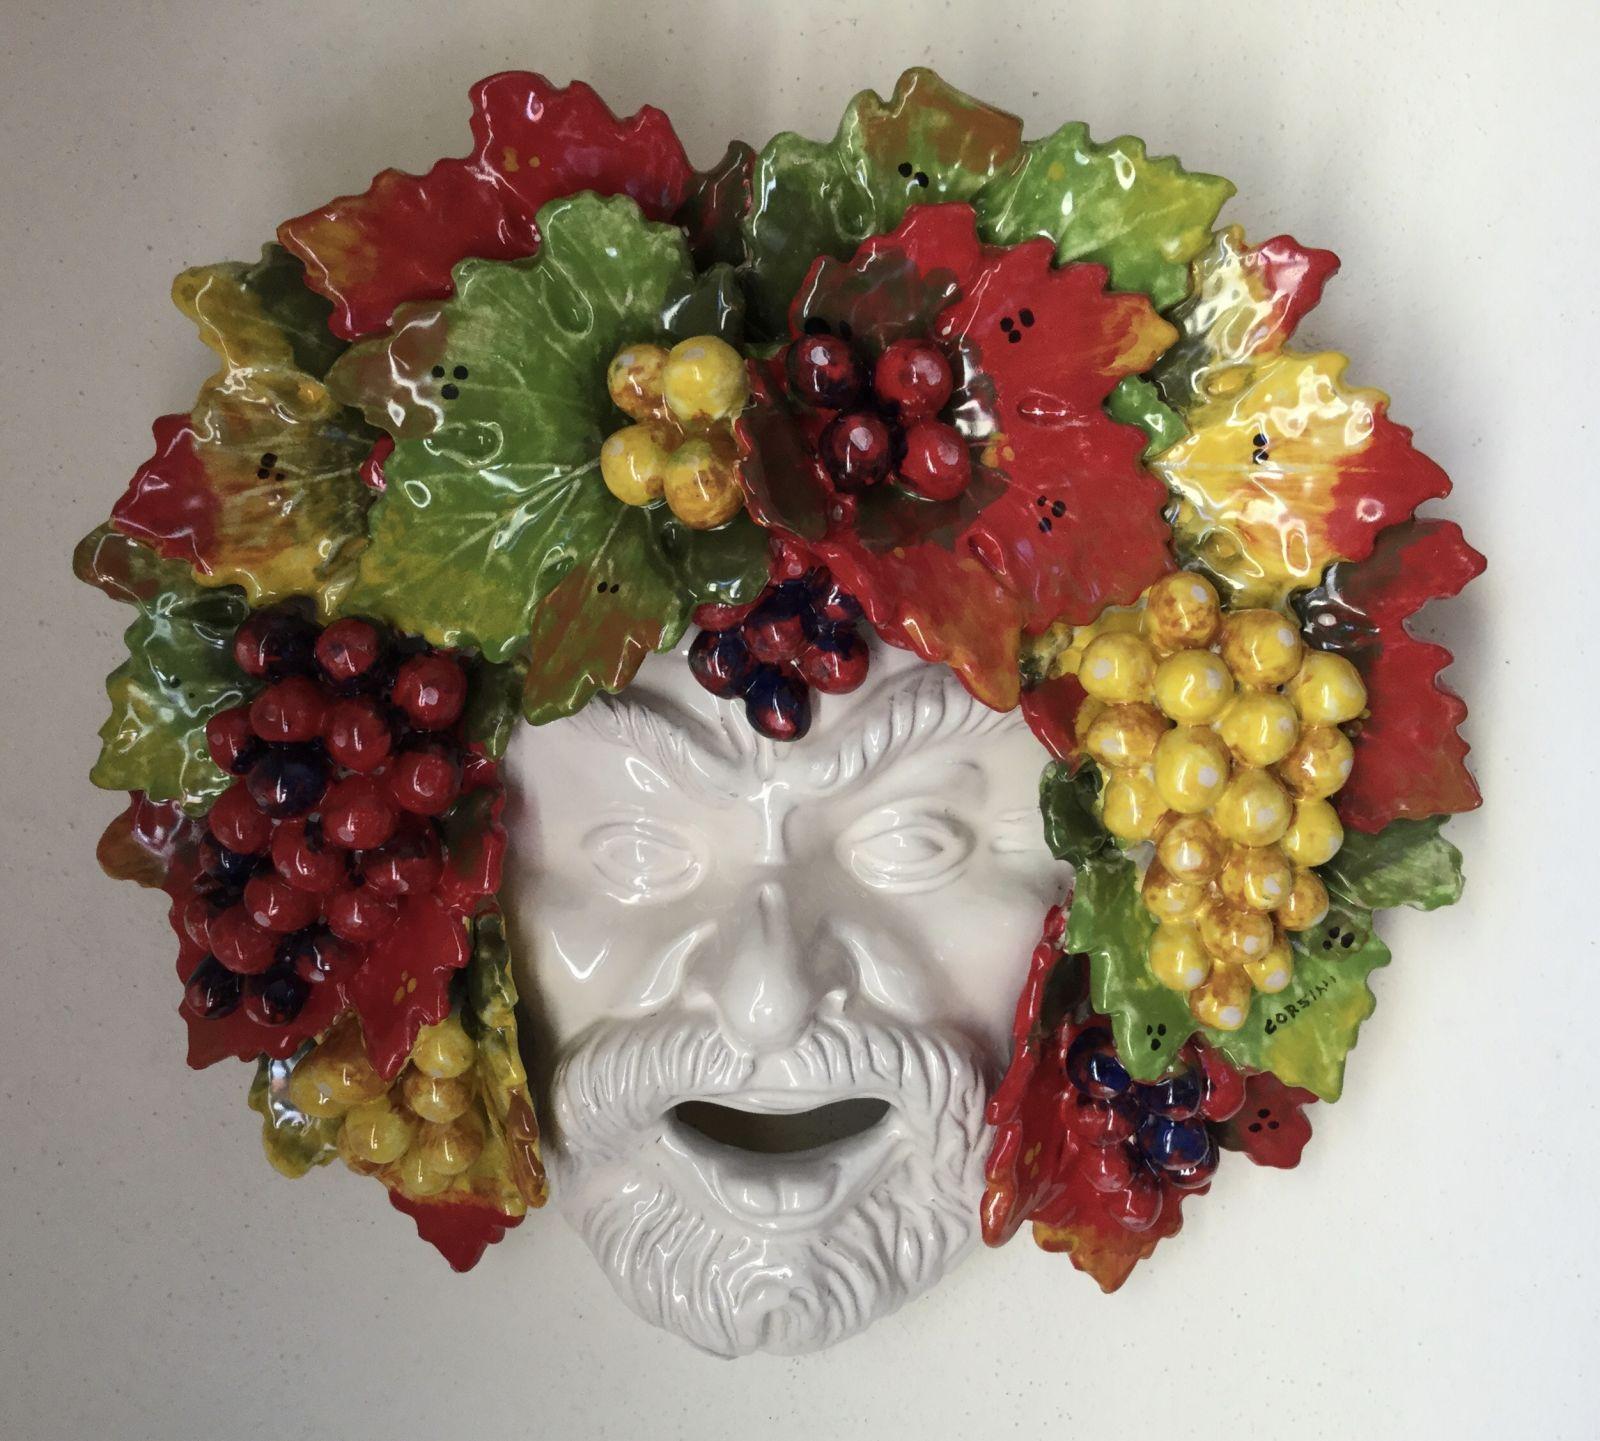 Maschera Bacco con uva 35x35